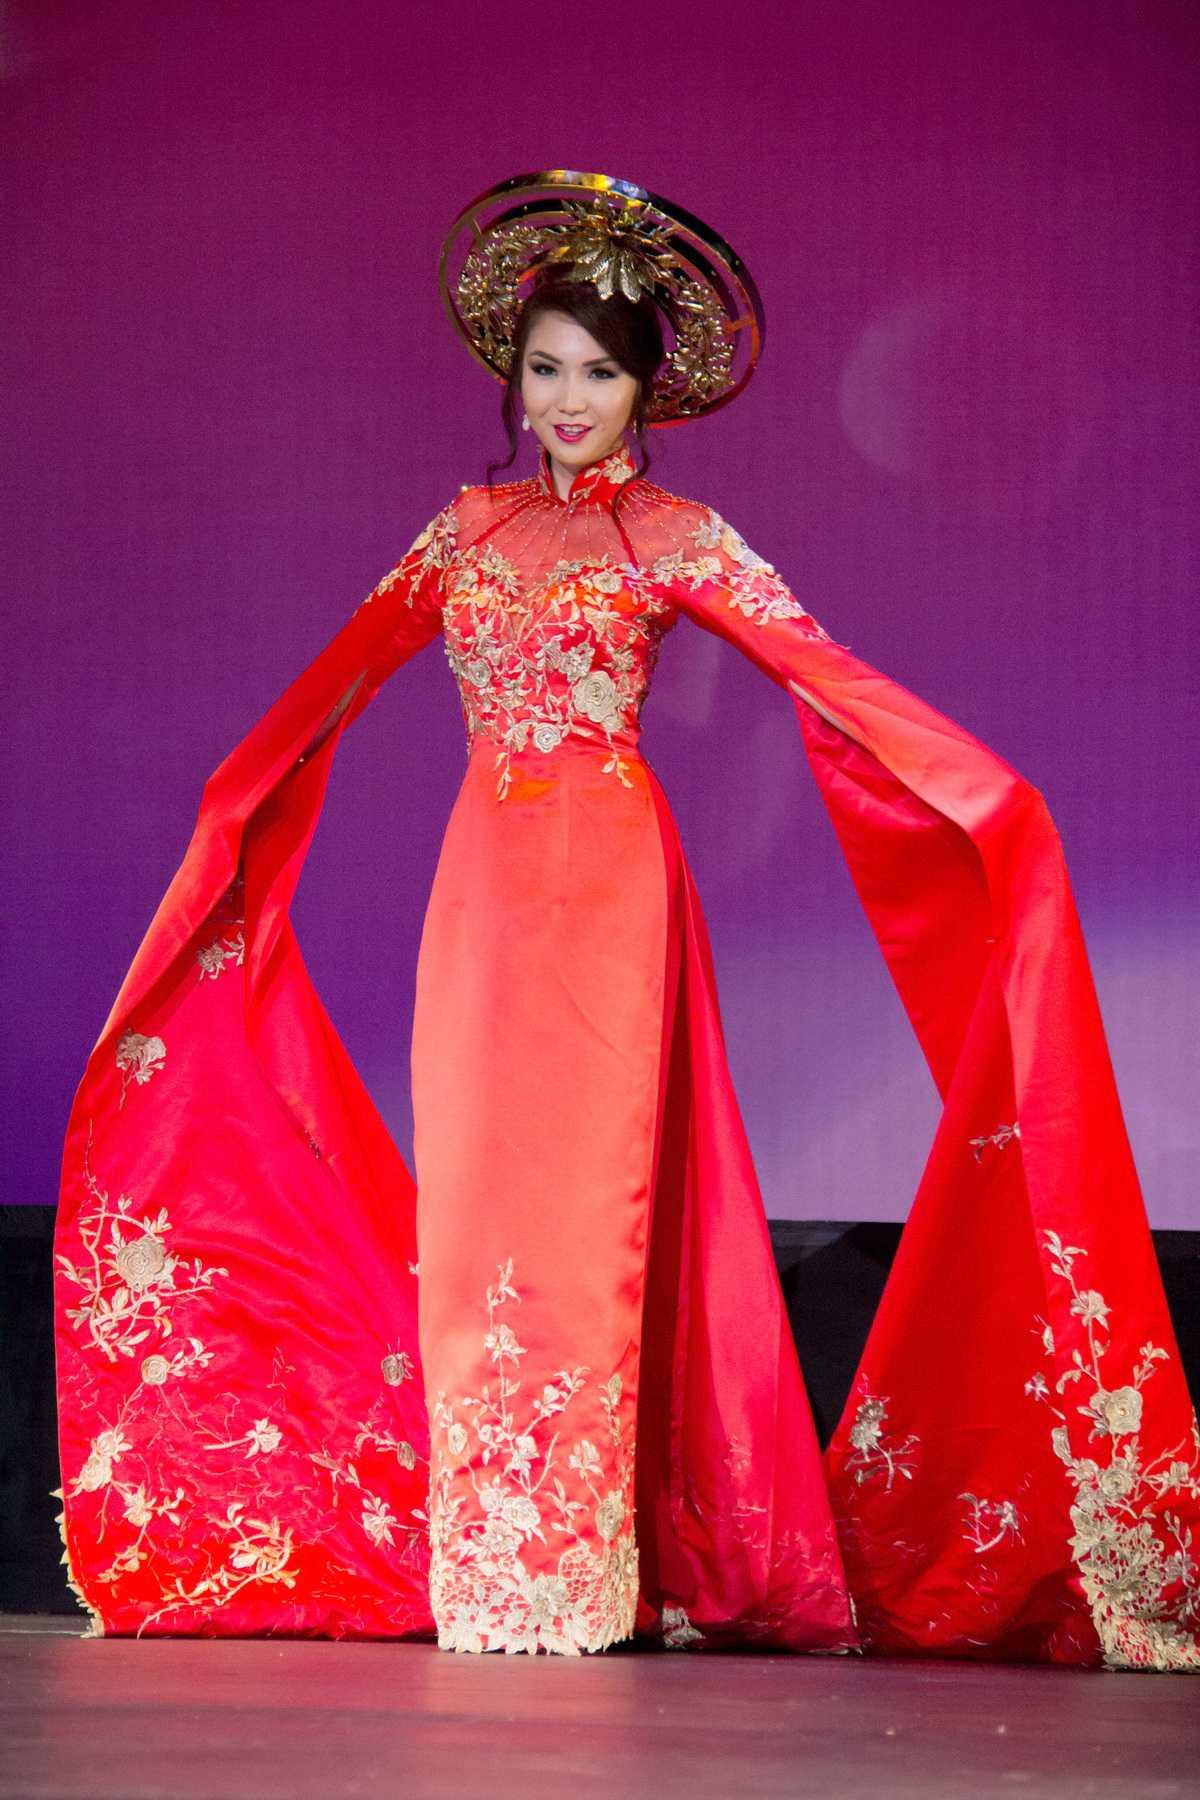 Jennifer Chung chia sẻ : đây không phải là lần đầu tiên cô trình diễn áo dài nhưng mỗi lần khoác trên mình tà áo dài truyền thống luôn khiến cô cảm thấy mình tự tin và dịu dàng thướt tha